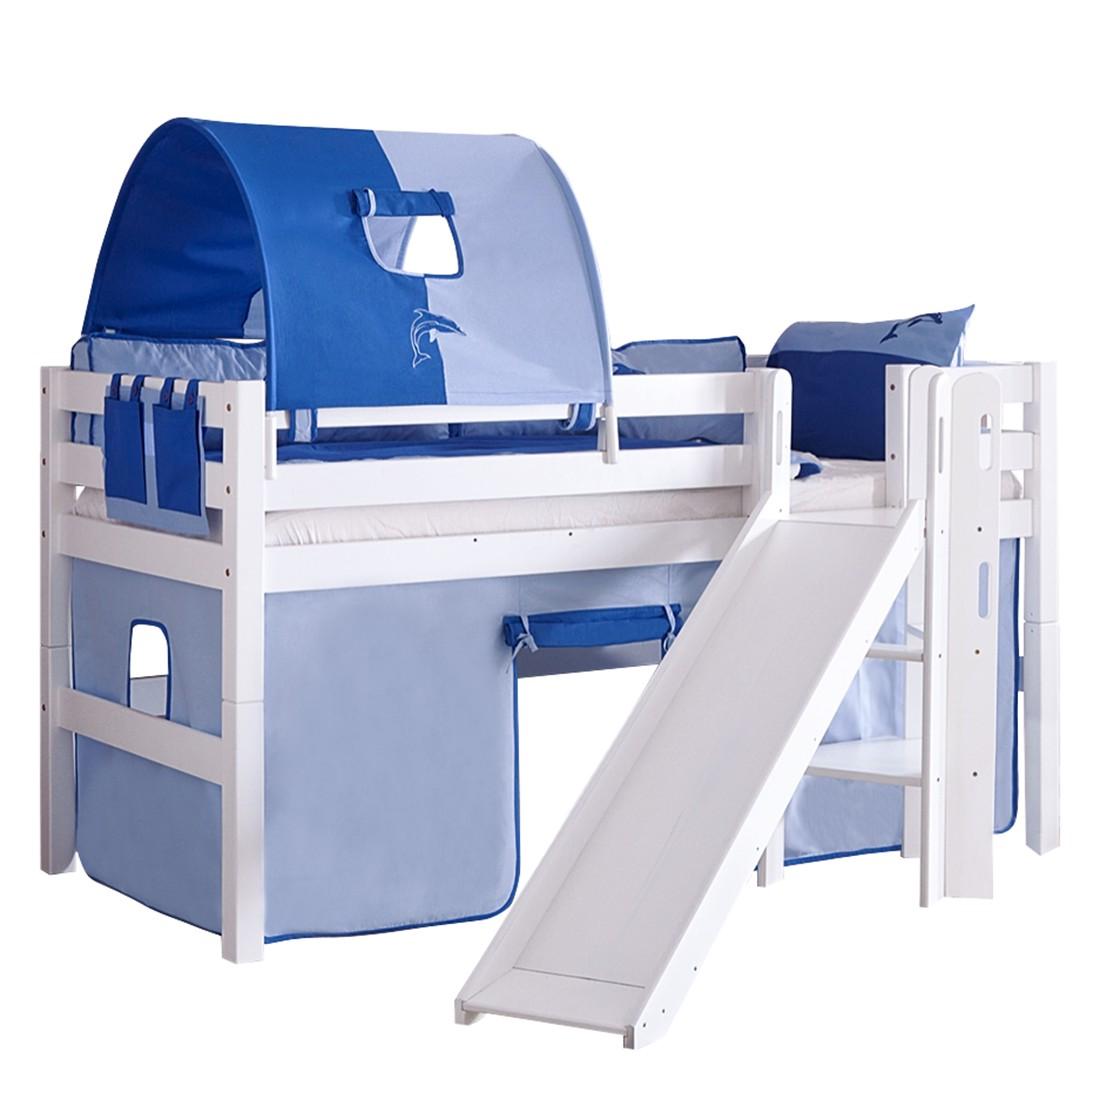 Spielbett Eliyas - mit Rutsche, Vorhang, Tunnel und Tasche - Buche weiß/Textil blau-delfin, Relita